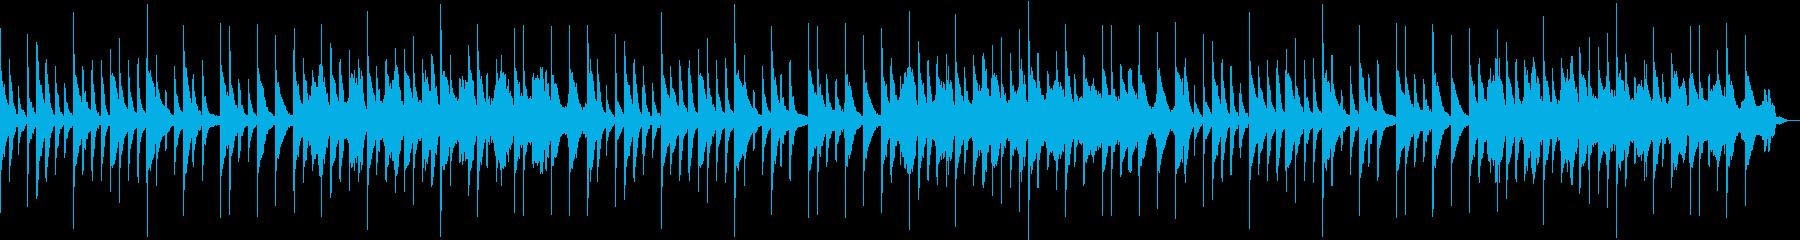 ピアノ音楽を528hzにチューニングの再生済みの波形